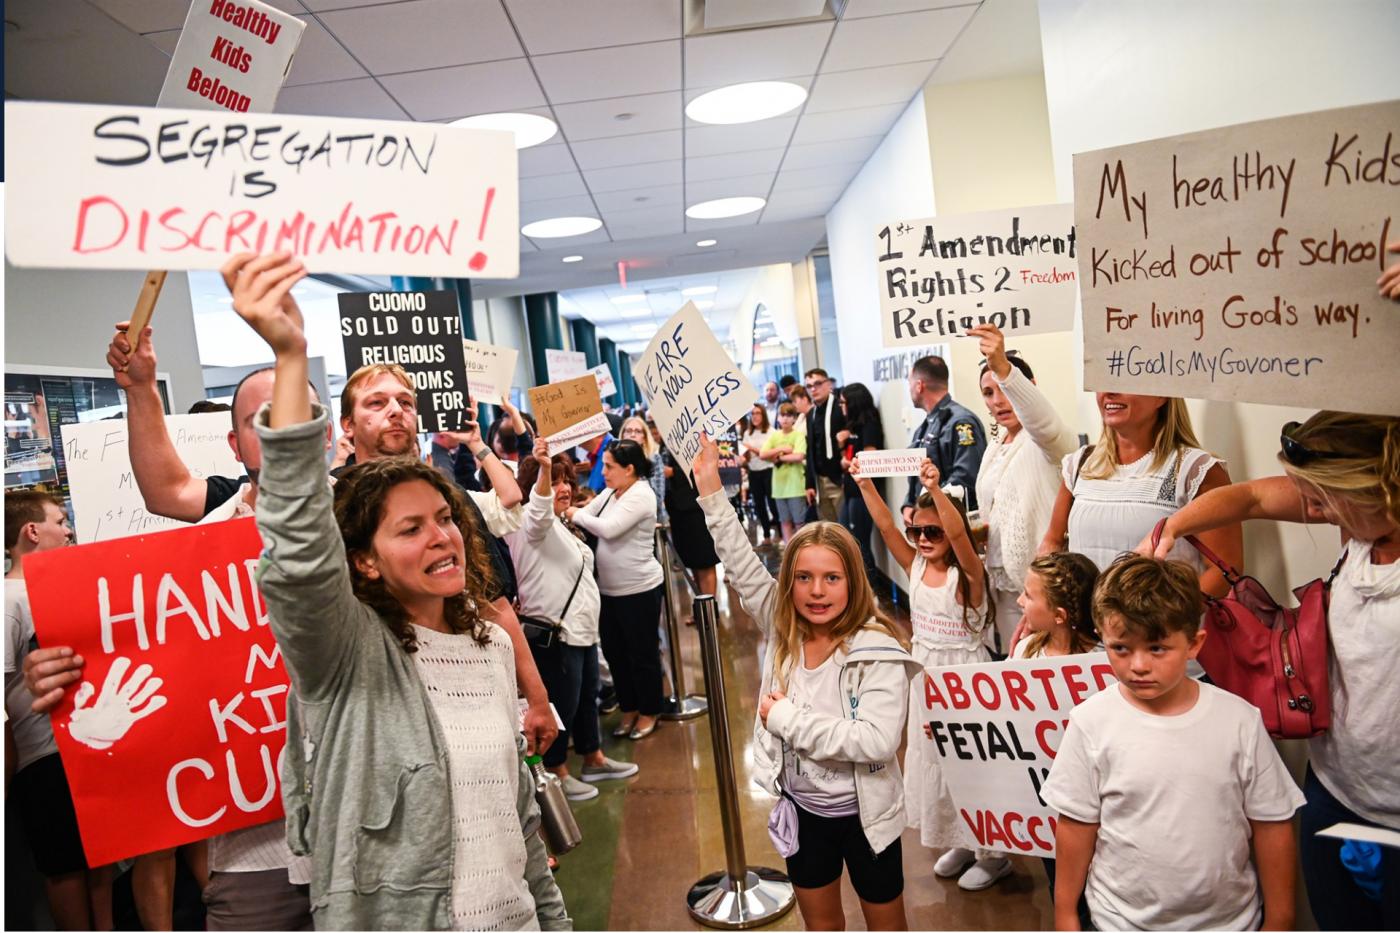 美国奇景:他们为什么示威抵制疫苗_图1-2